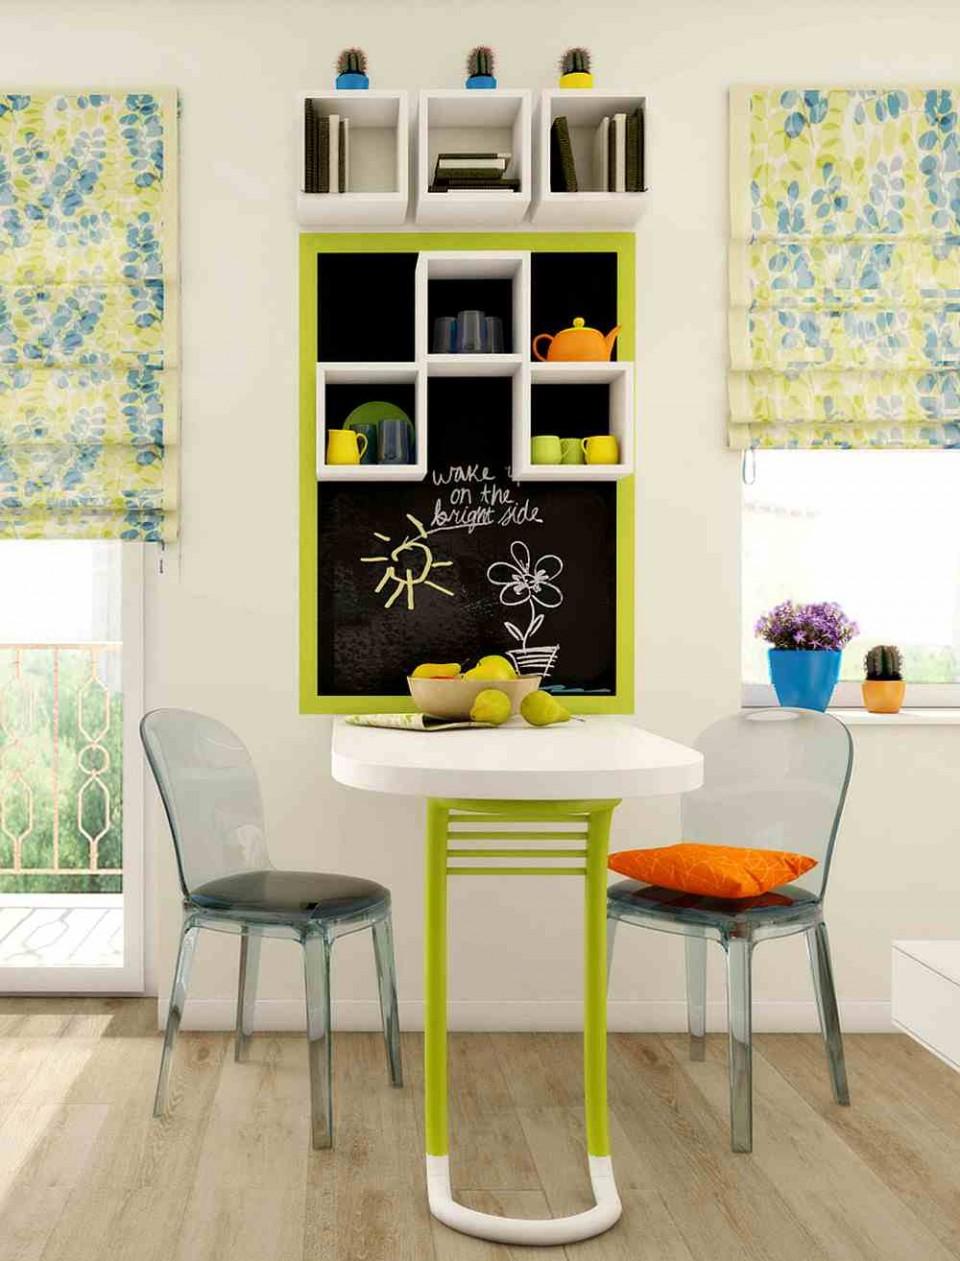 Espacios peque os decoracion in parte 5 for Ideas para espacios reducidos